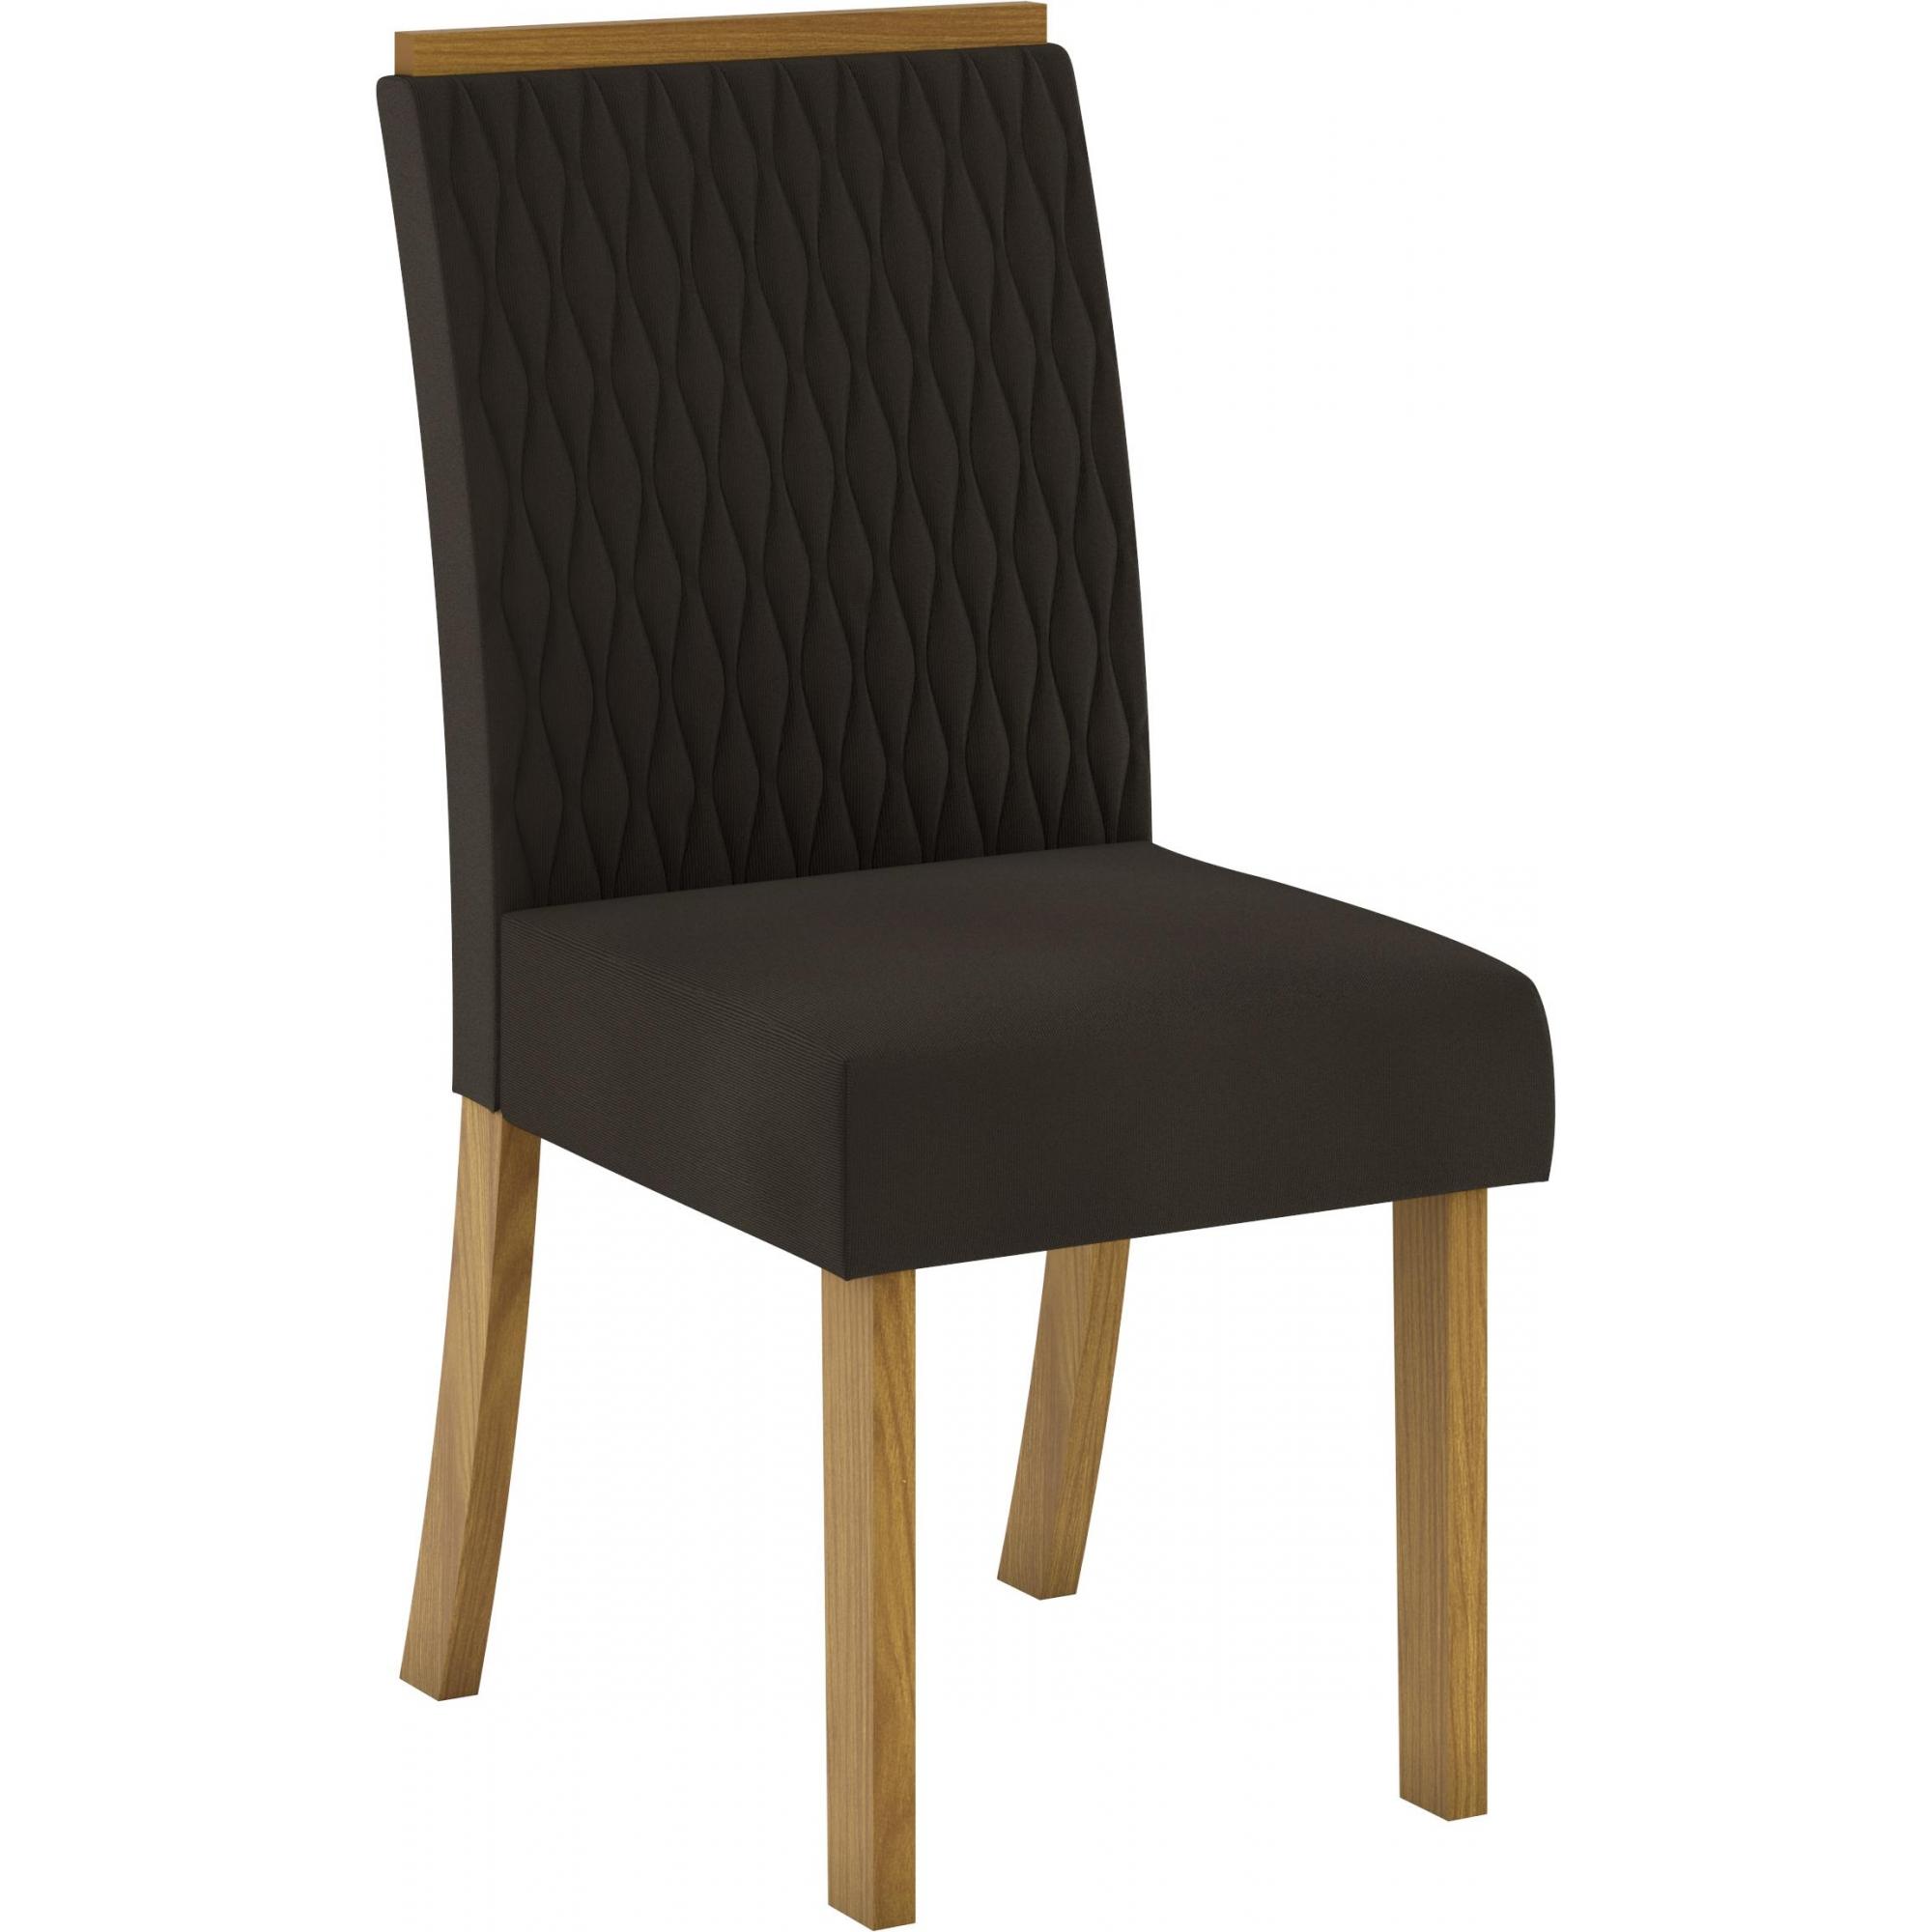 Conjunto de 02 Cadeira para Sala de Jantar Vega Nature/Marrom - Henn